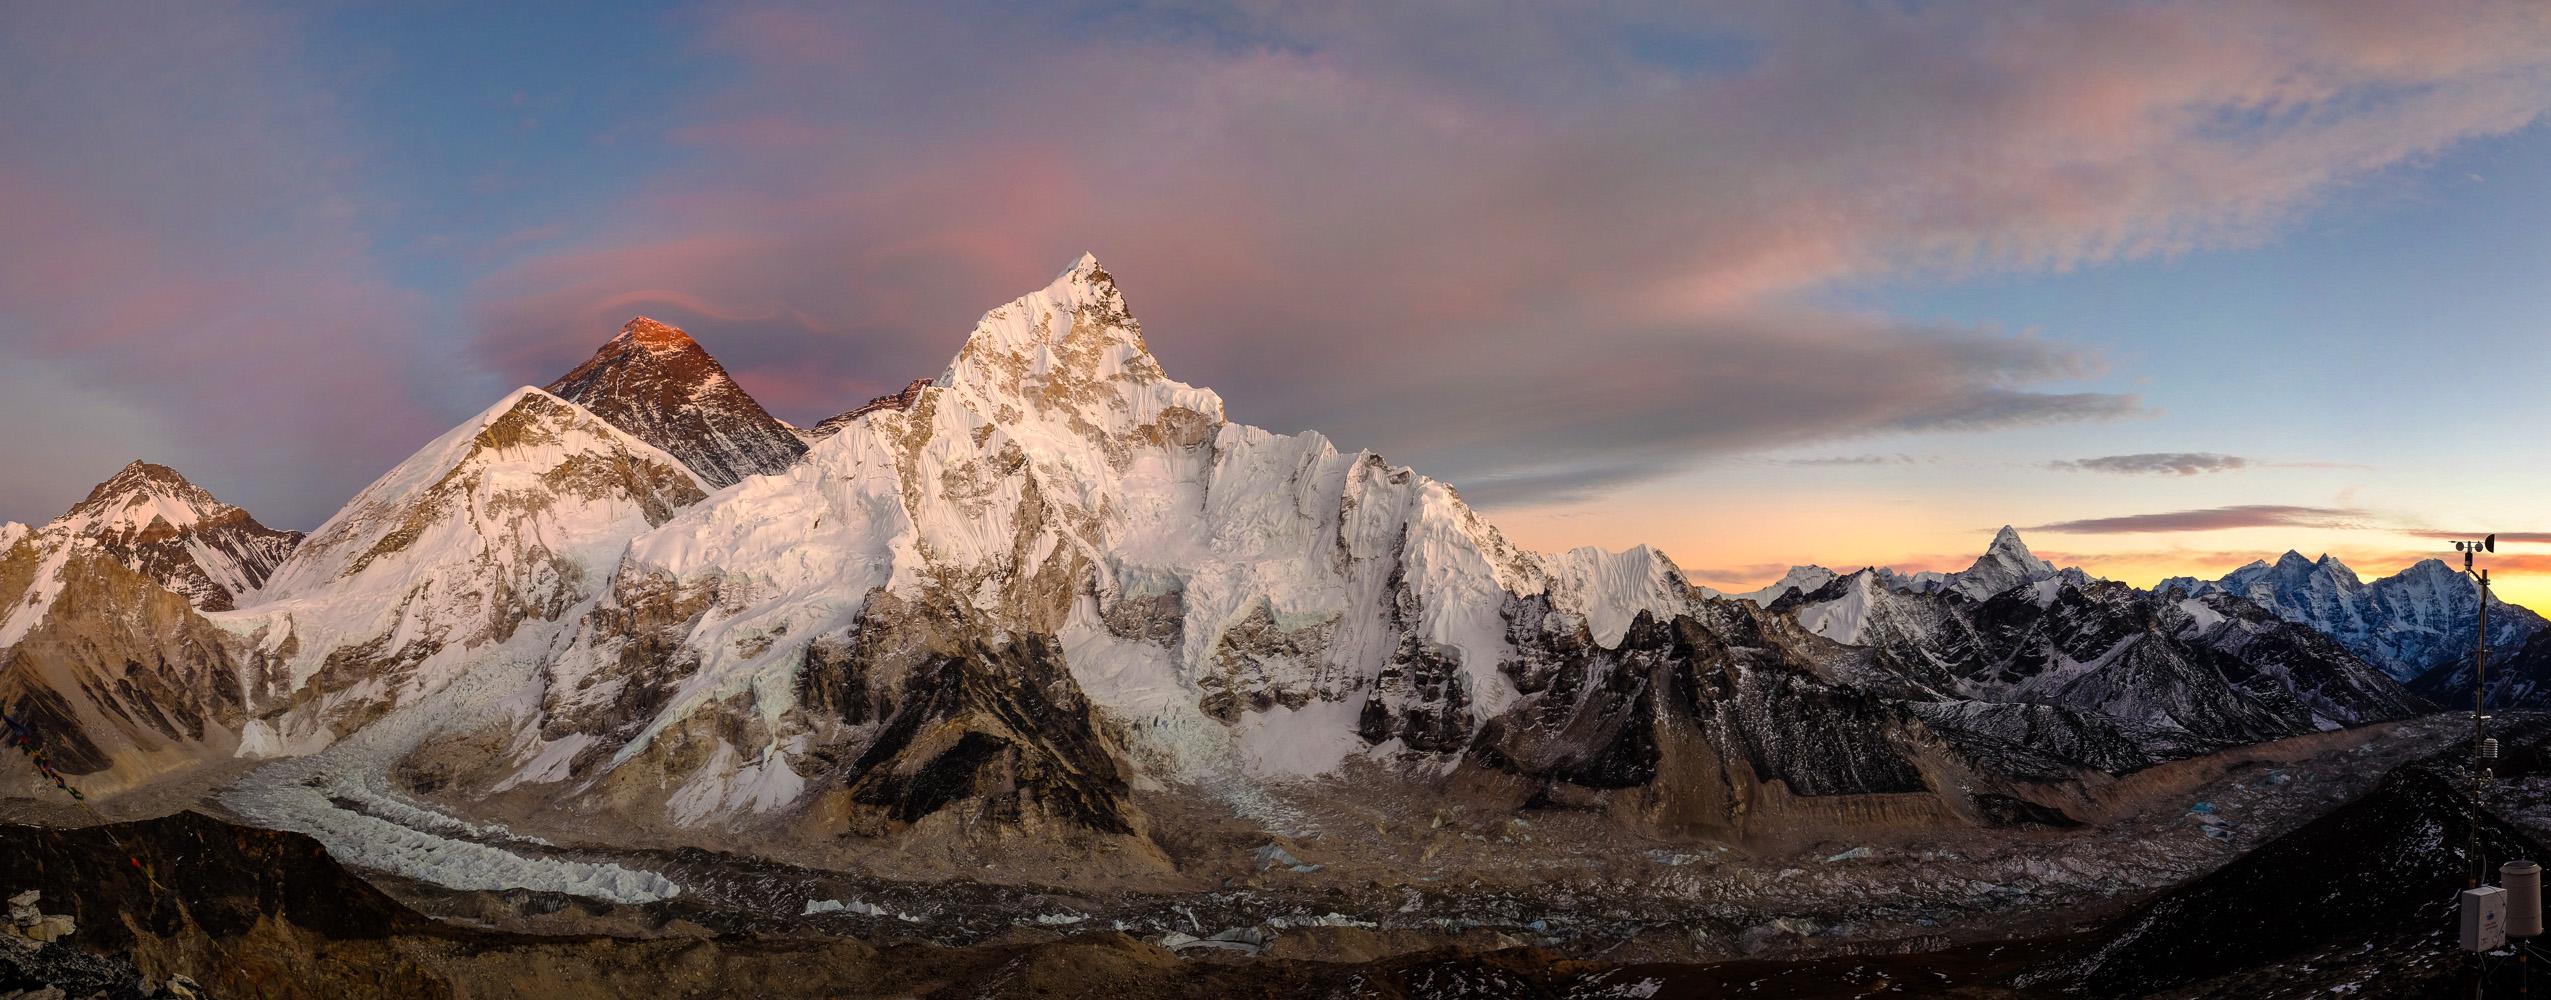 Еверест Нупцзе Ама Даблам